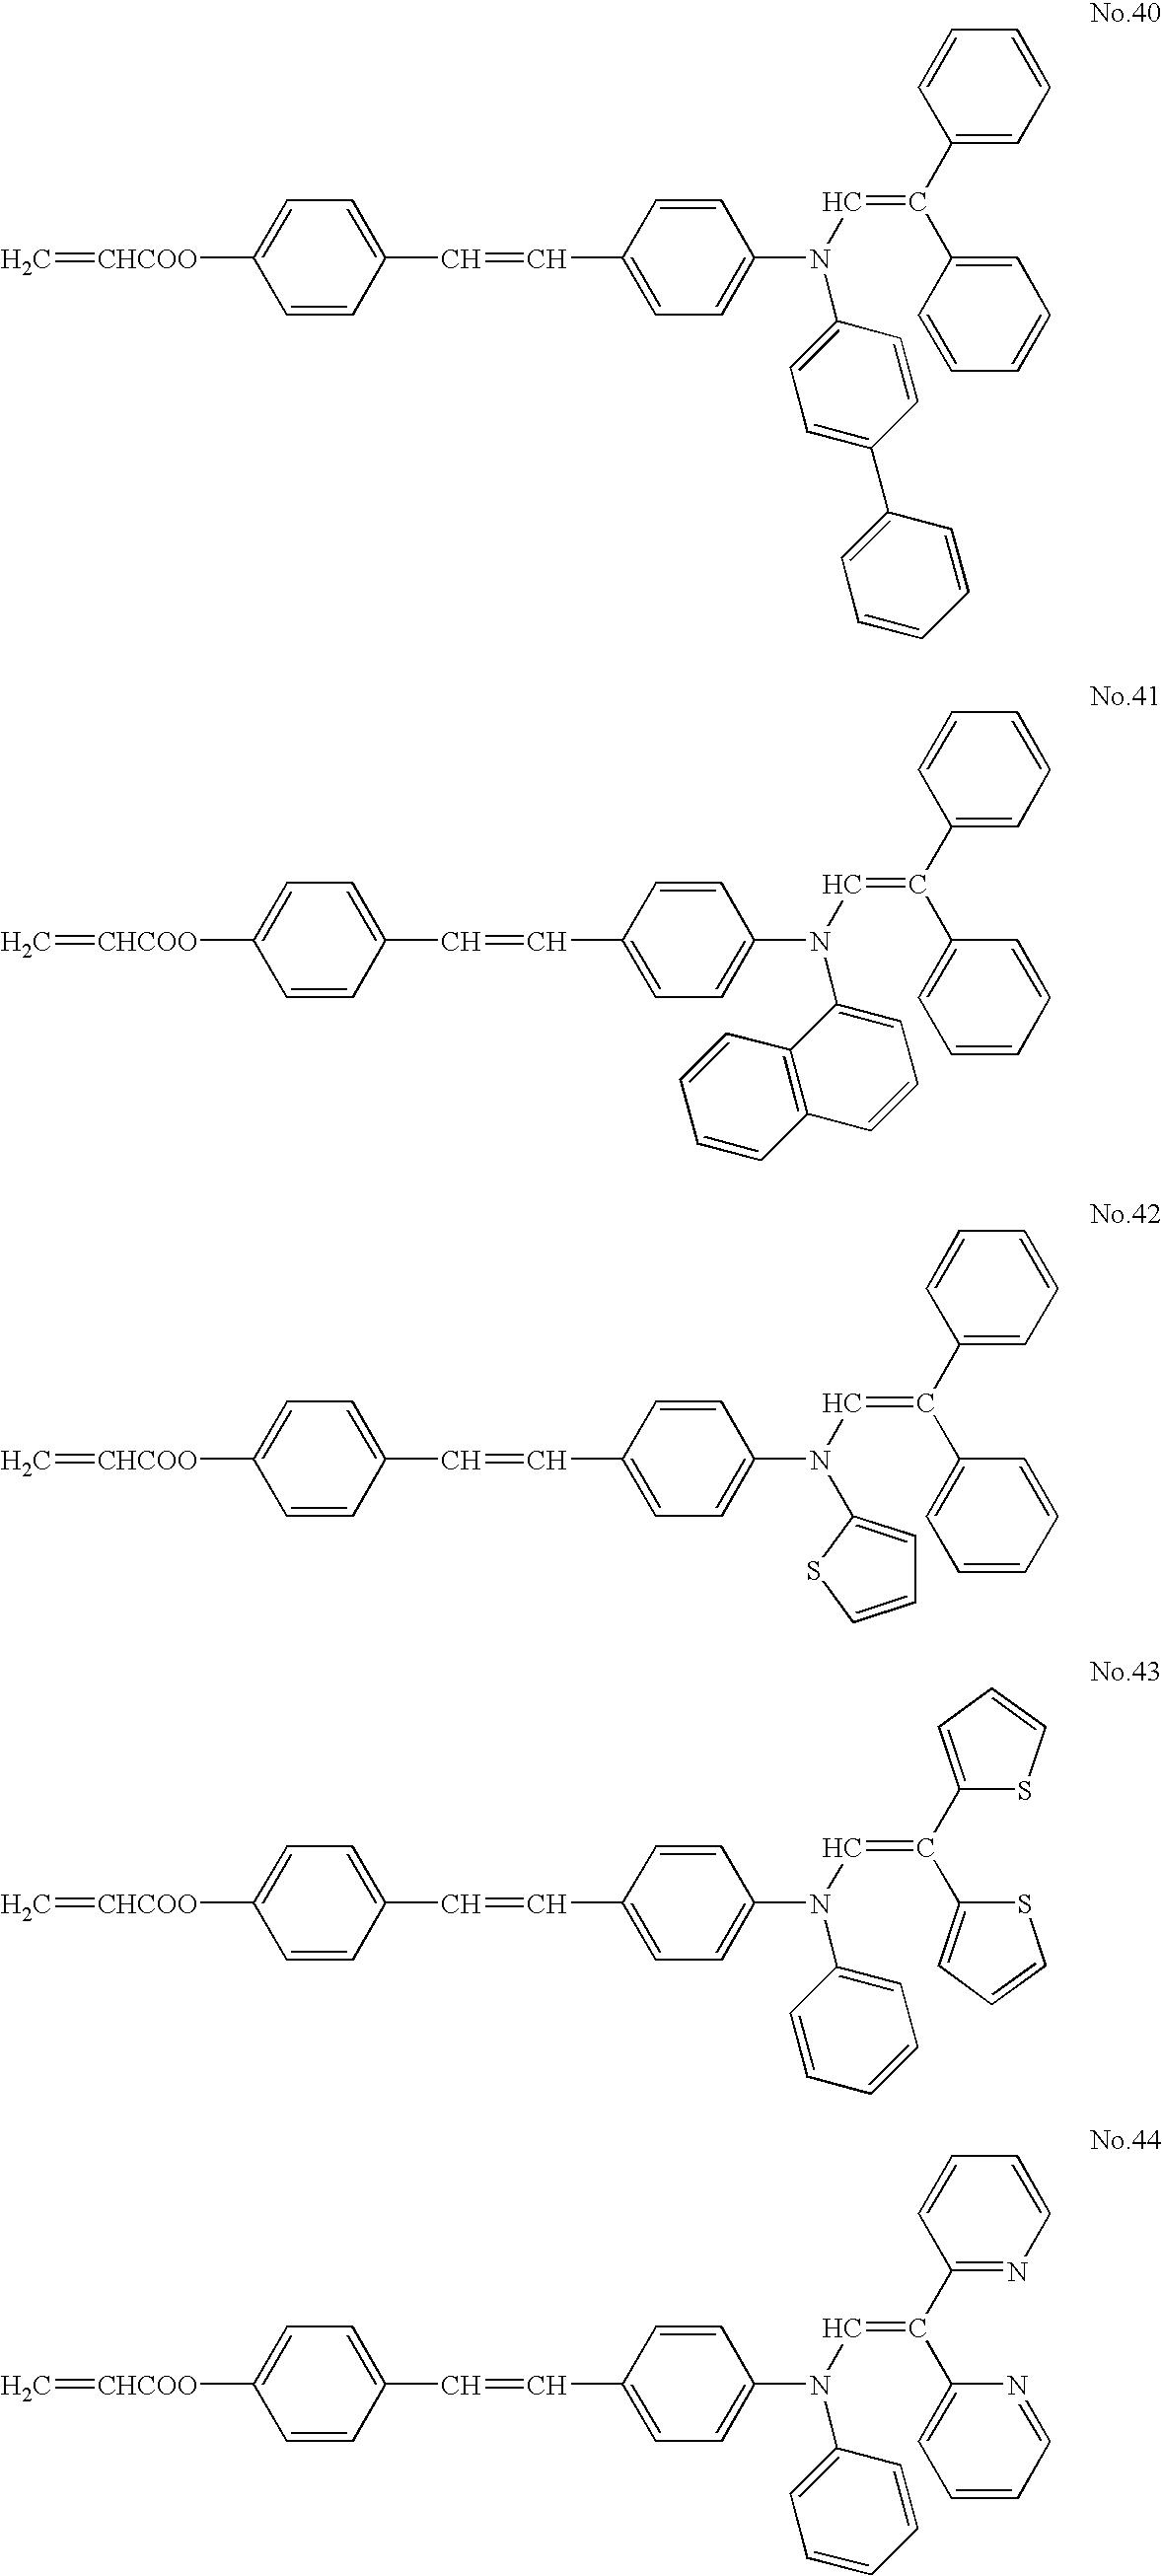 Figure US20060078809A1-20060413-C00014